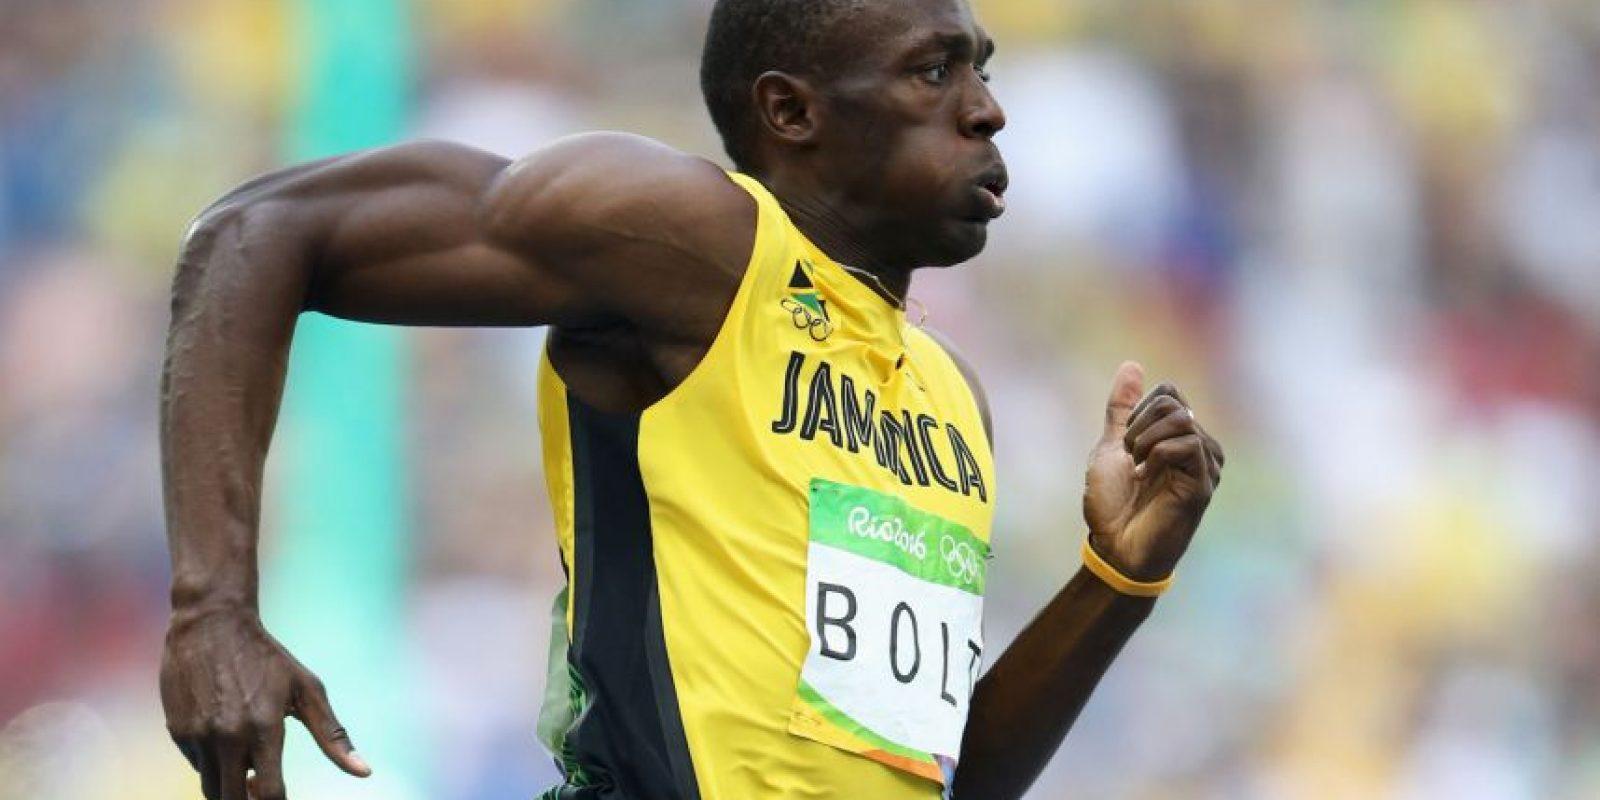 Usain Bolt ganó por terceros Juegos Olímpicos consecutivos los 100 metros planos Foto:Getty Images